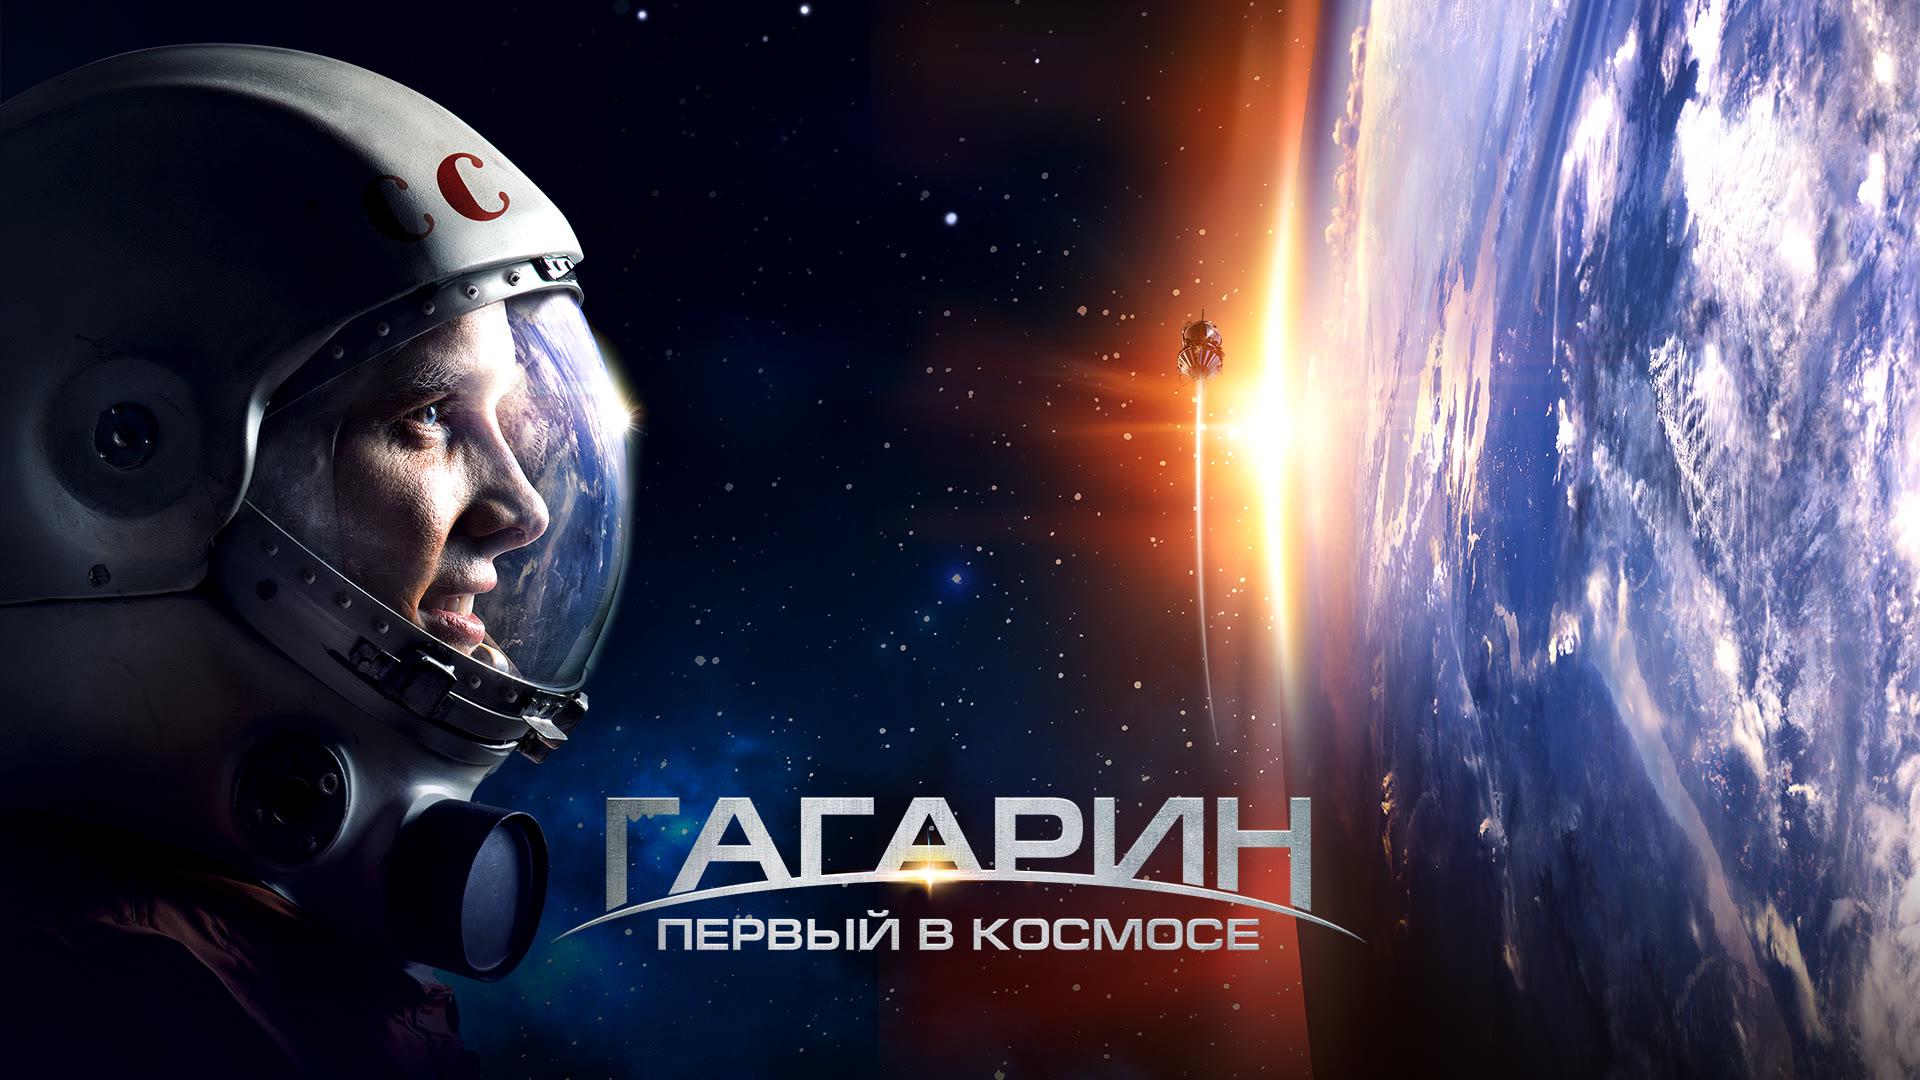 Гагарин. Первый в космосе